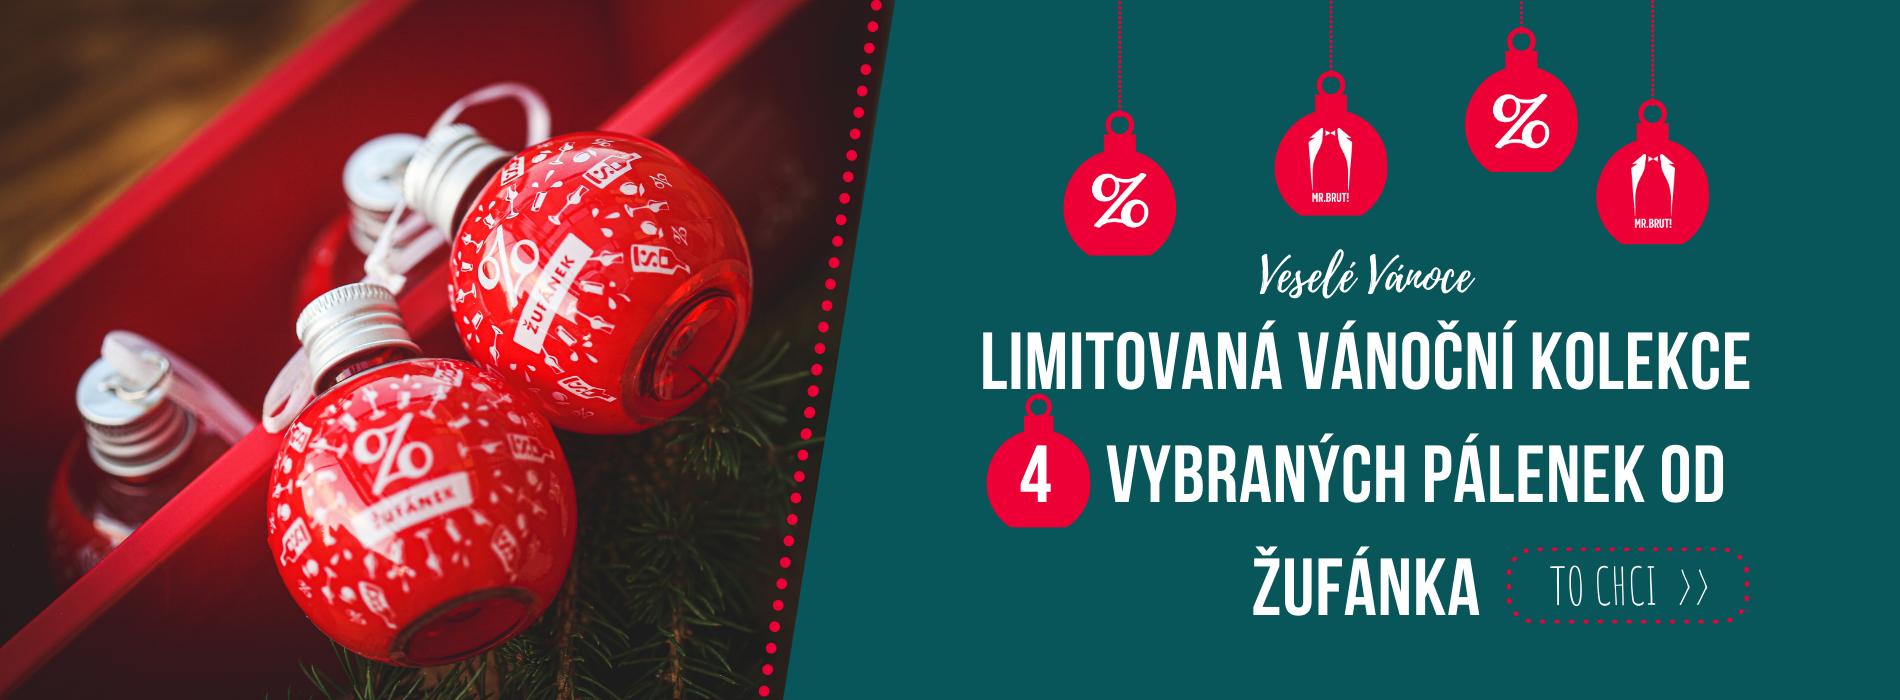 Vánoční alko koule Žufánek 4 x 0,06 l, výběr destilátů